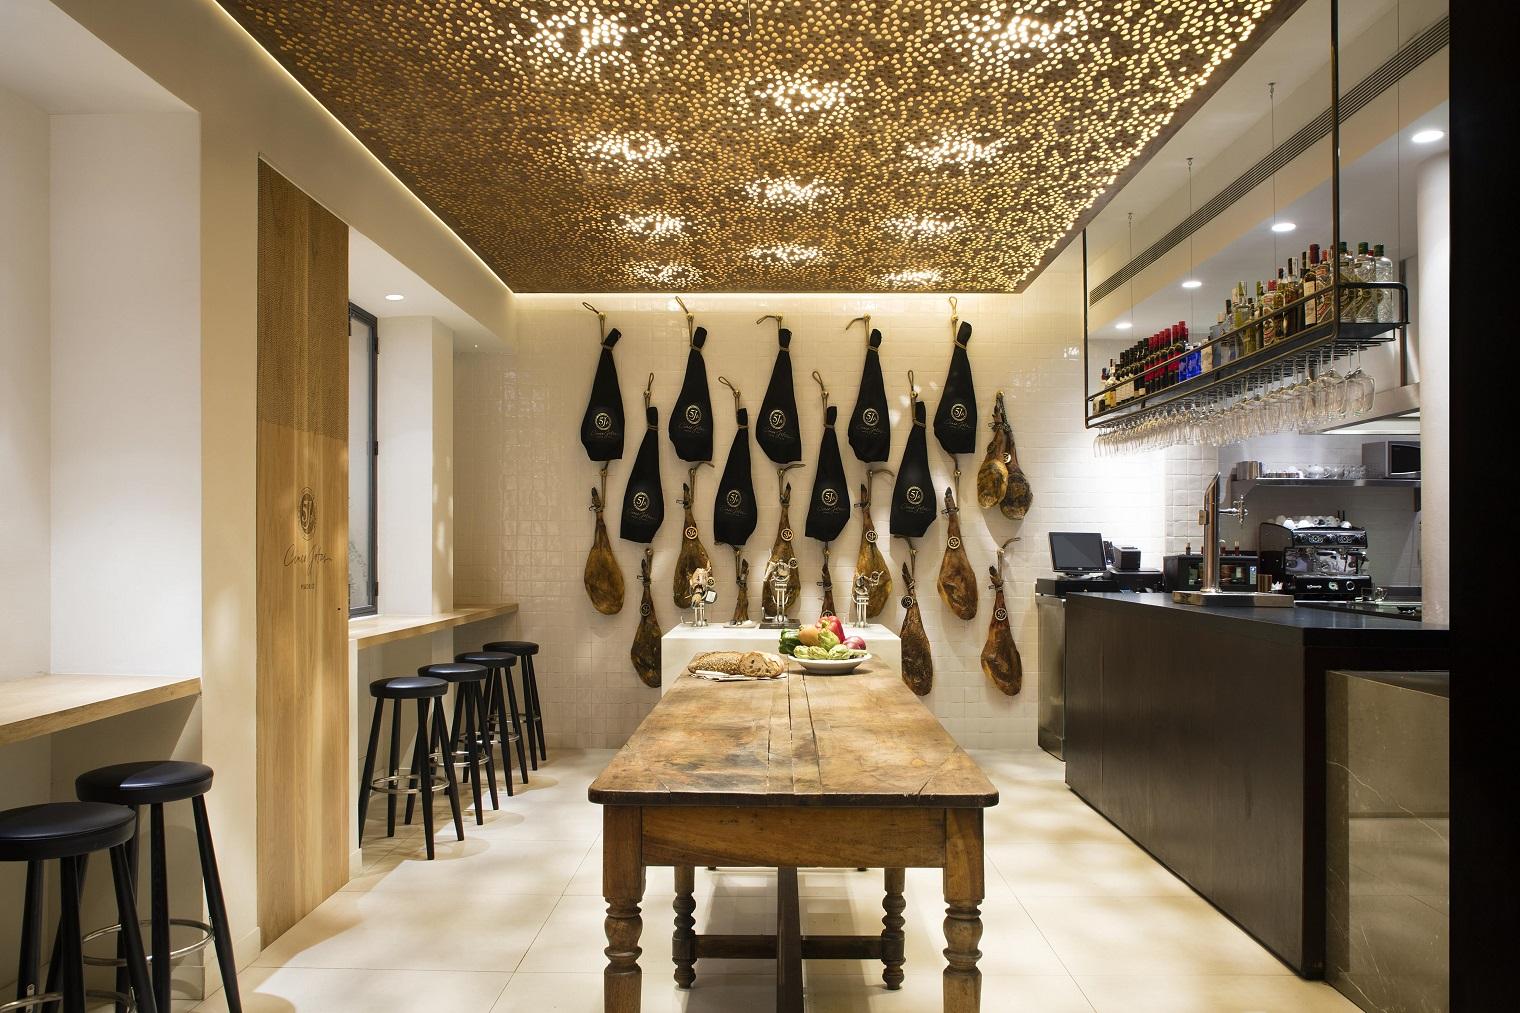 Restaurante cinco jotas en madrid - Estilos de interiorismo ...